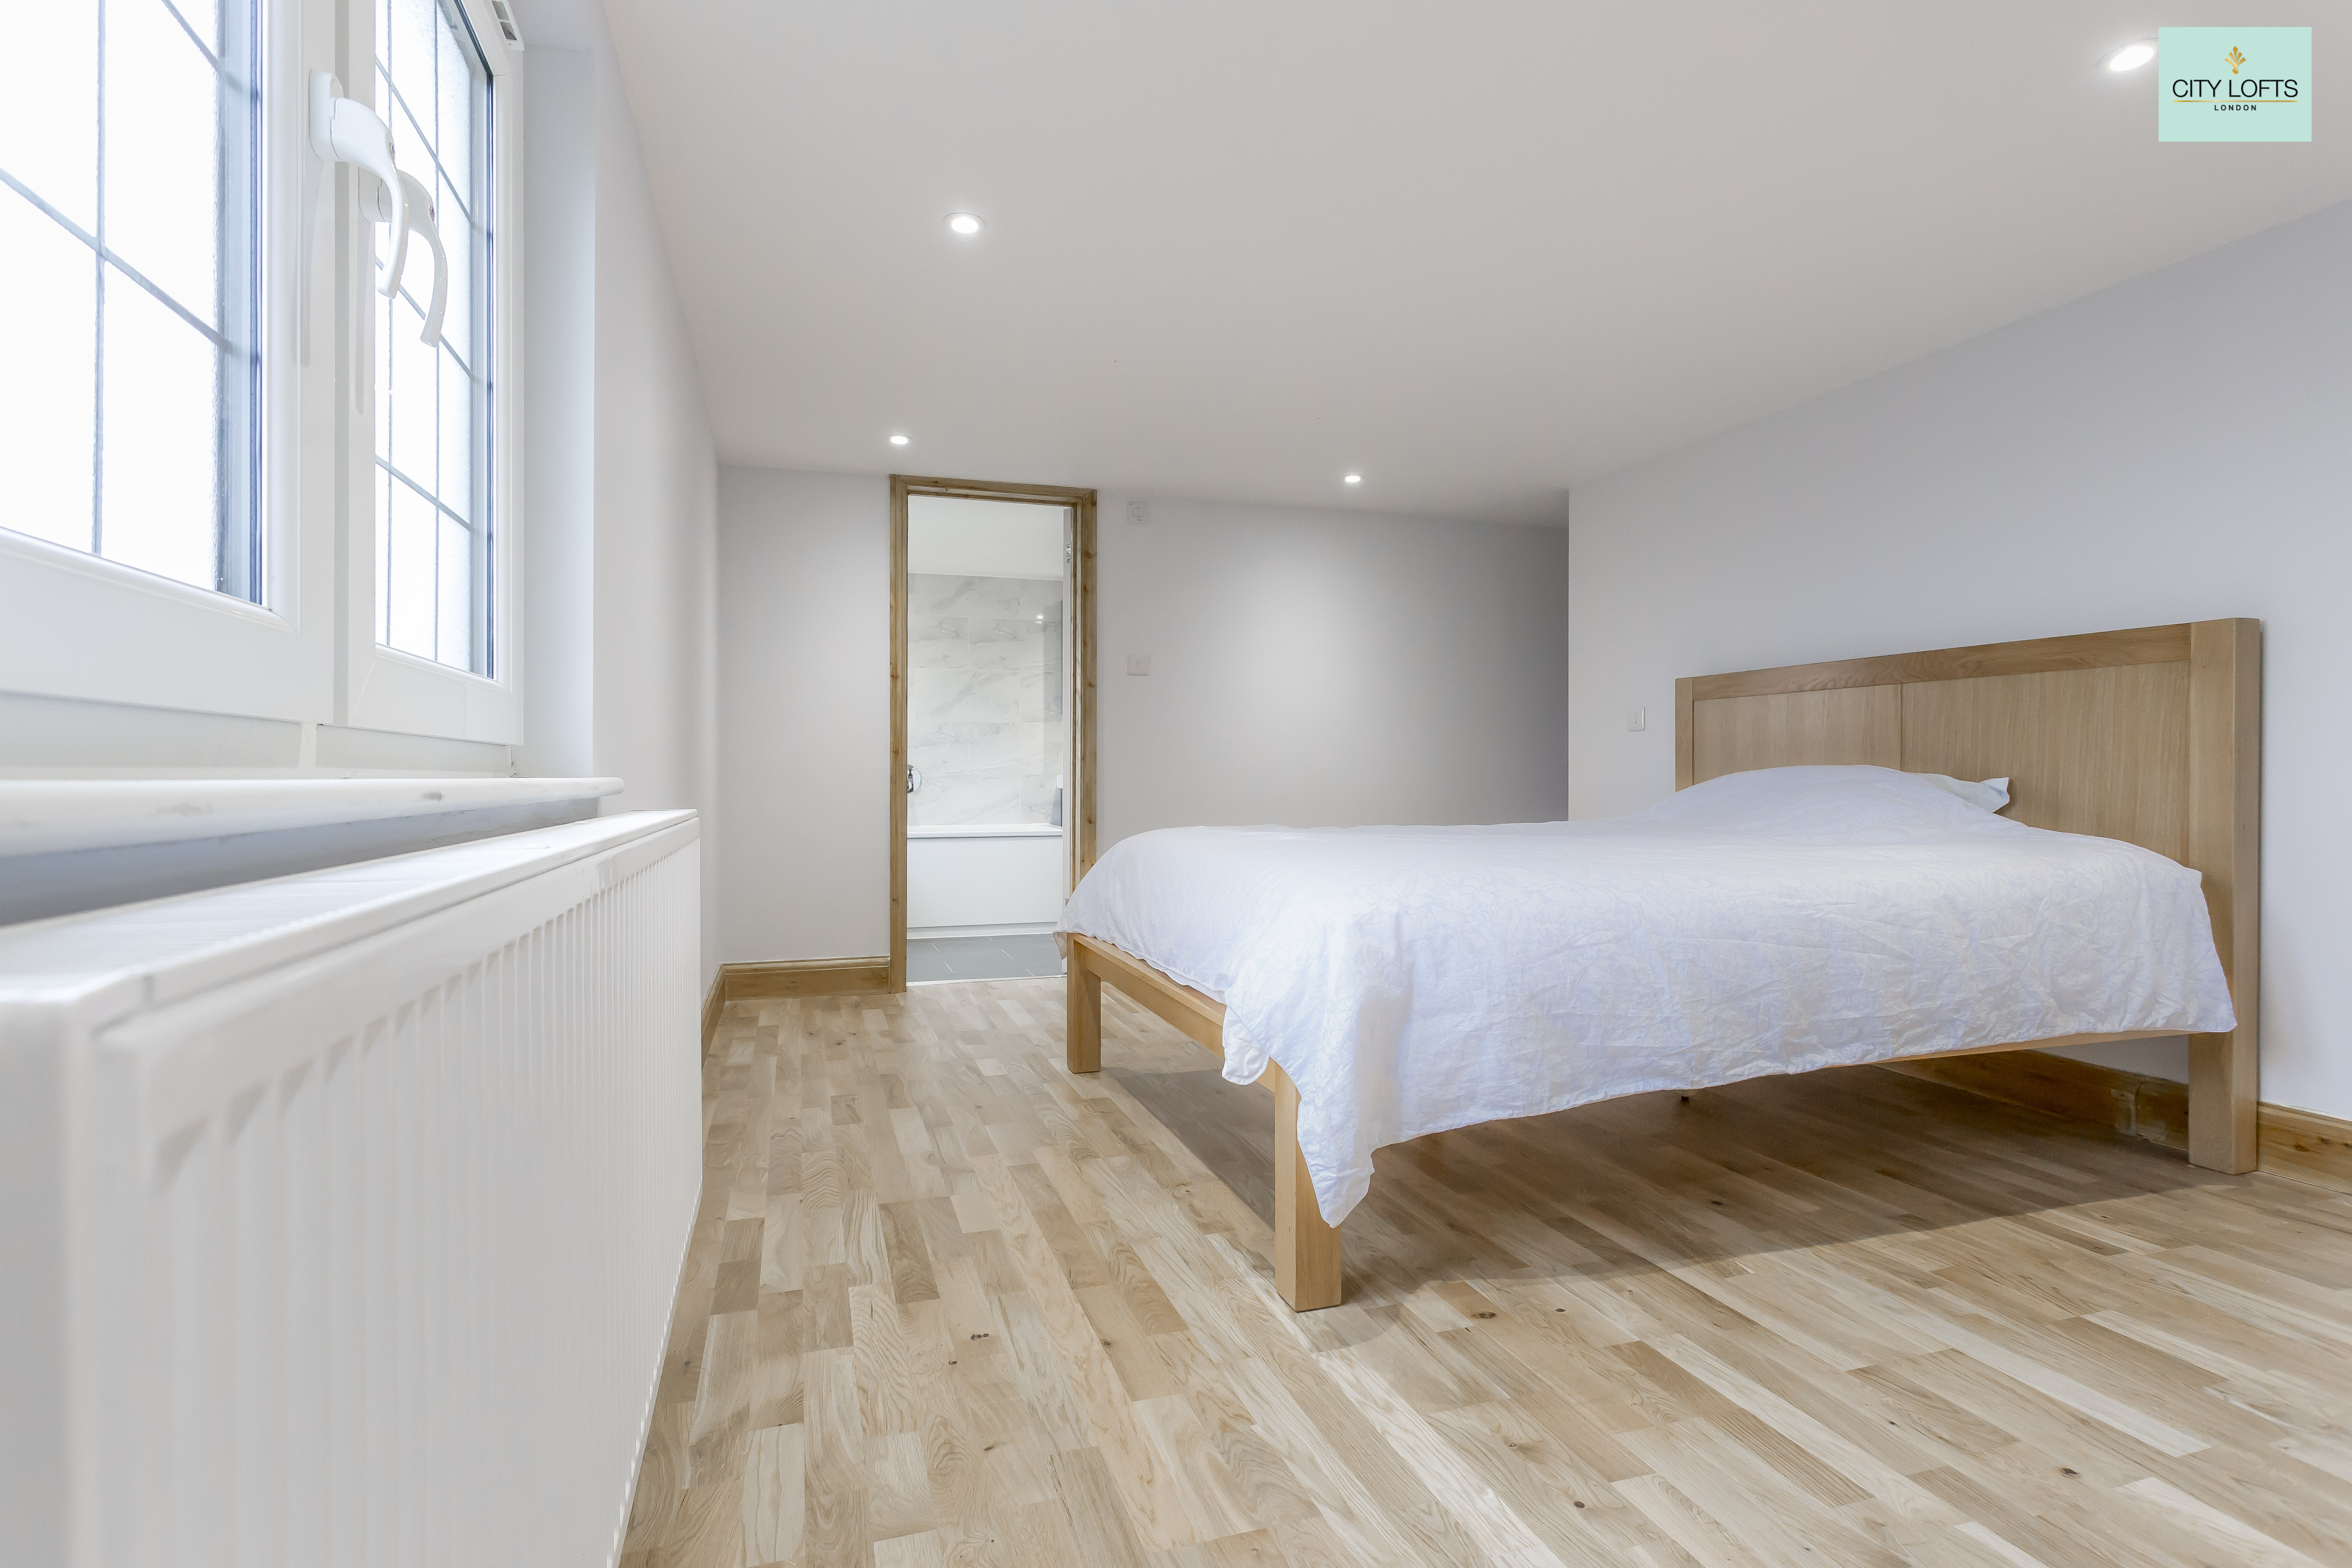 Totteridge loft conversion large bedroom